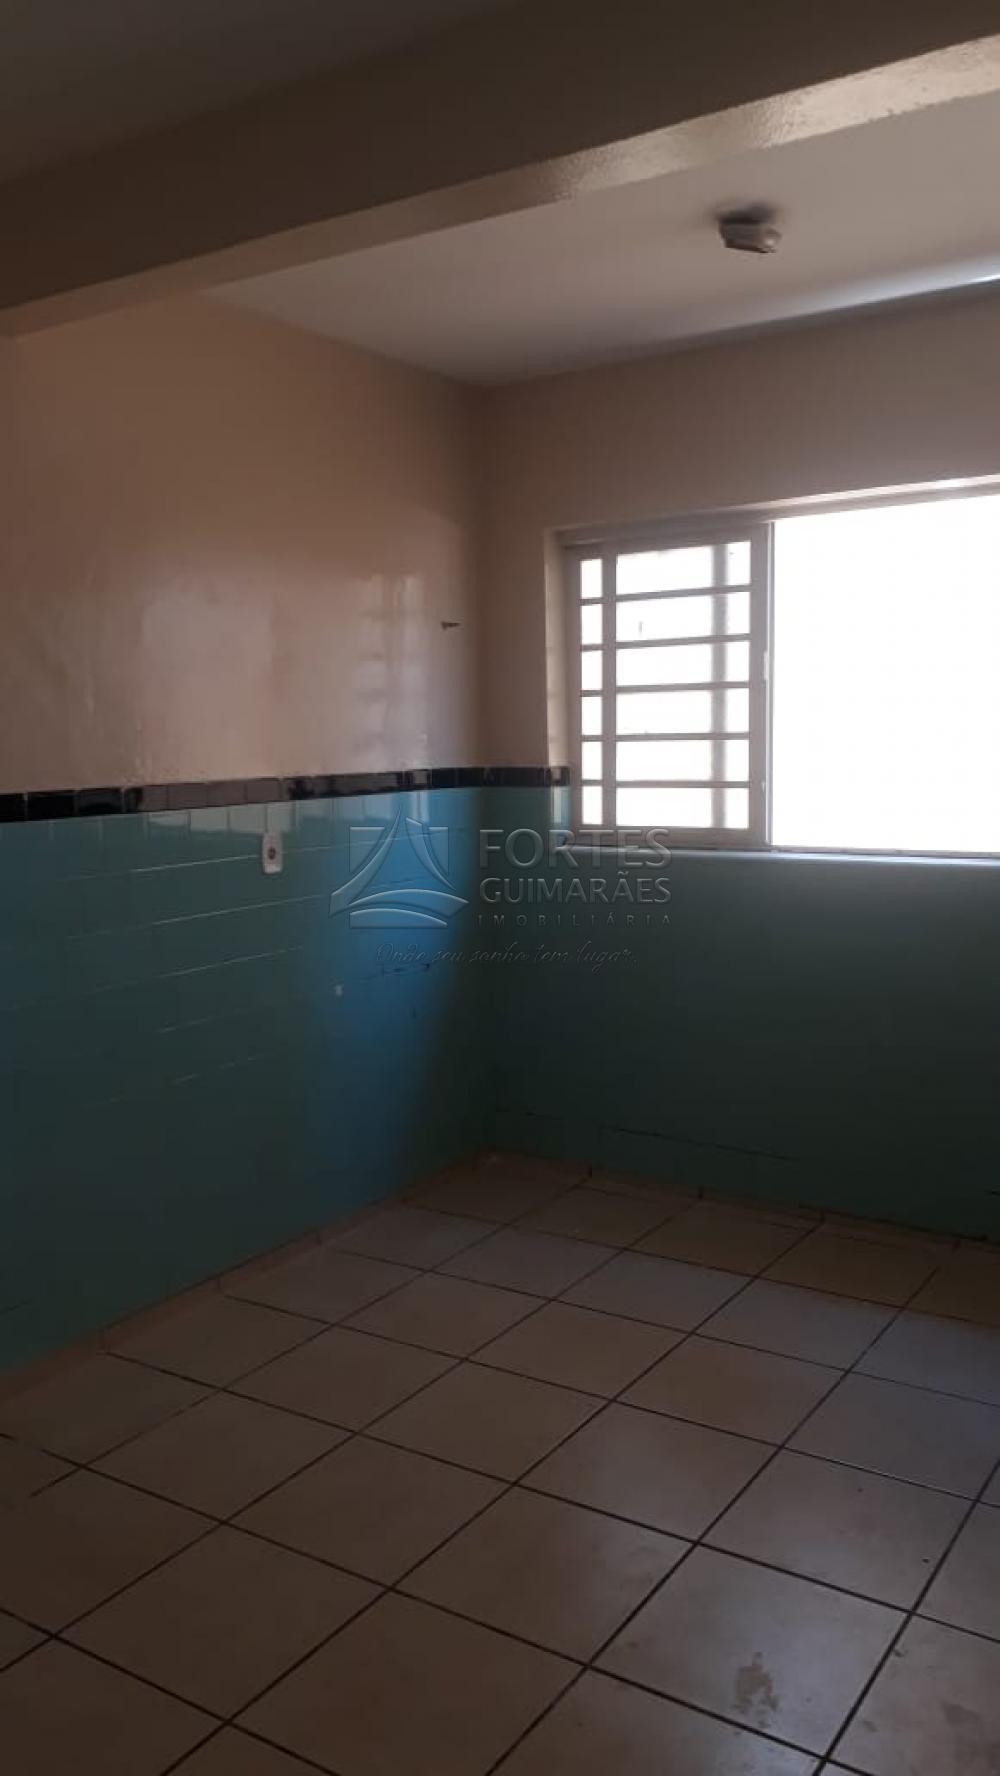 Alugar Casas / Padrão em Ribeirão Preto apenas R$ 850,00 - Foto 23